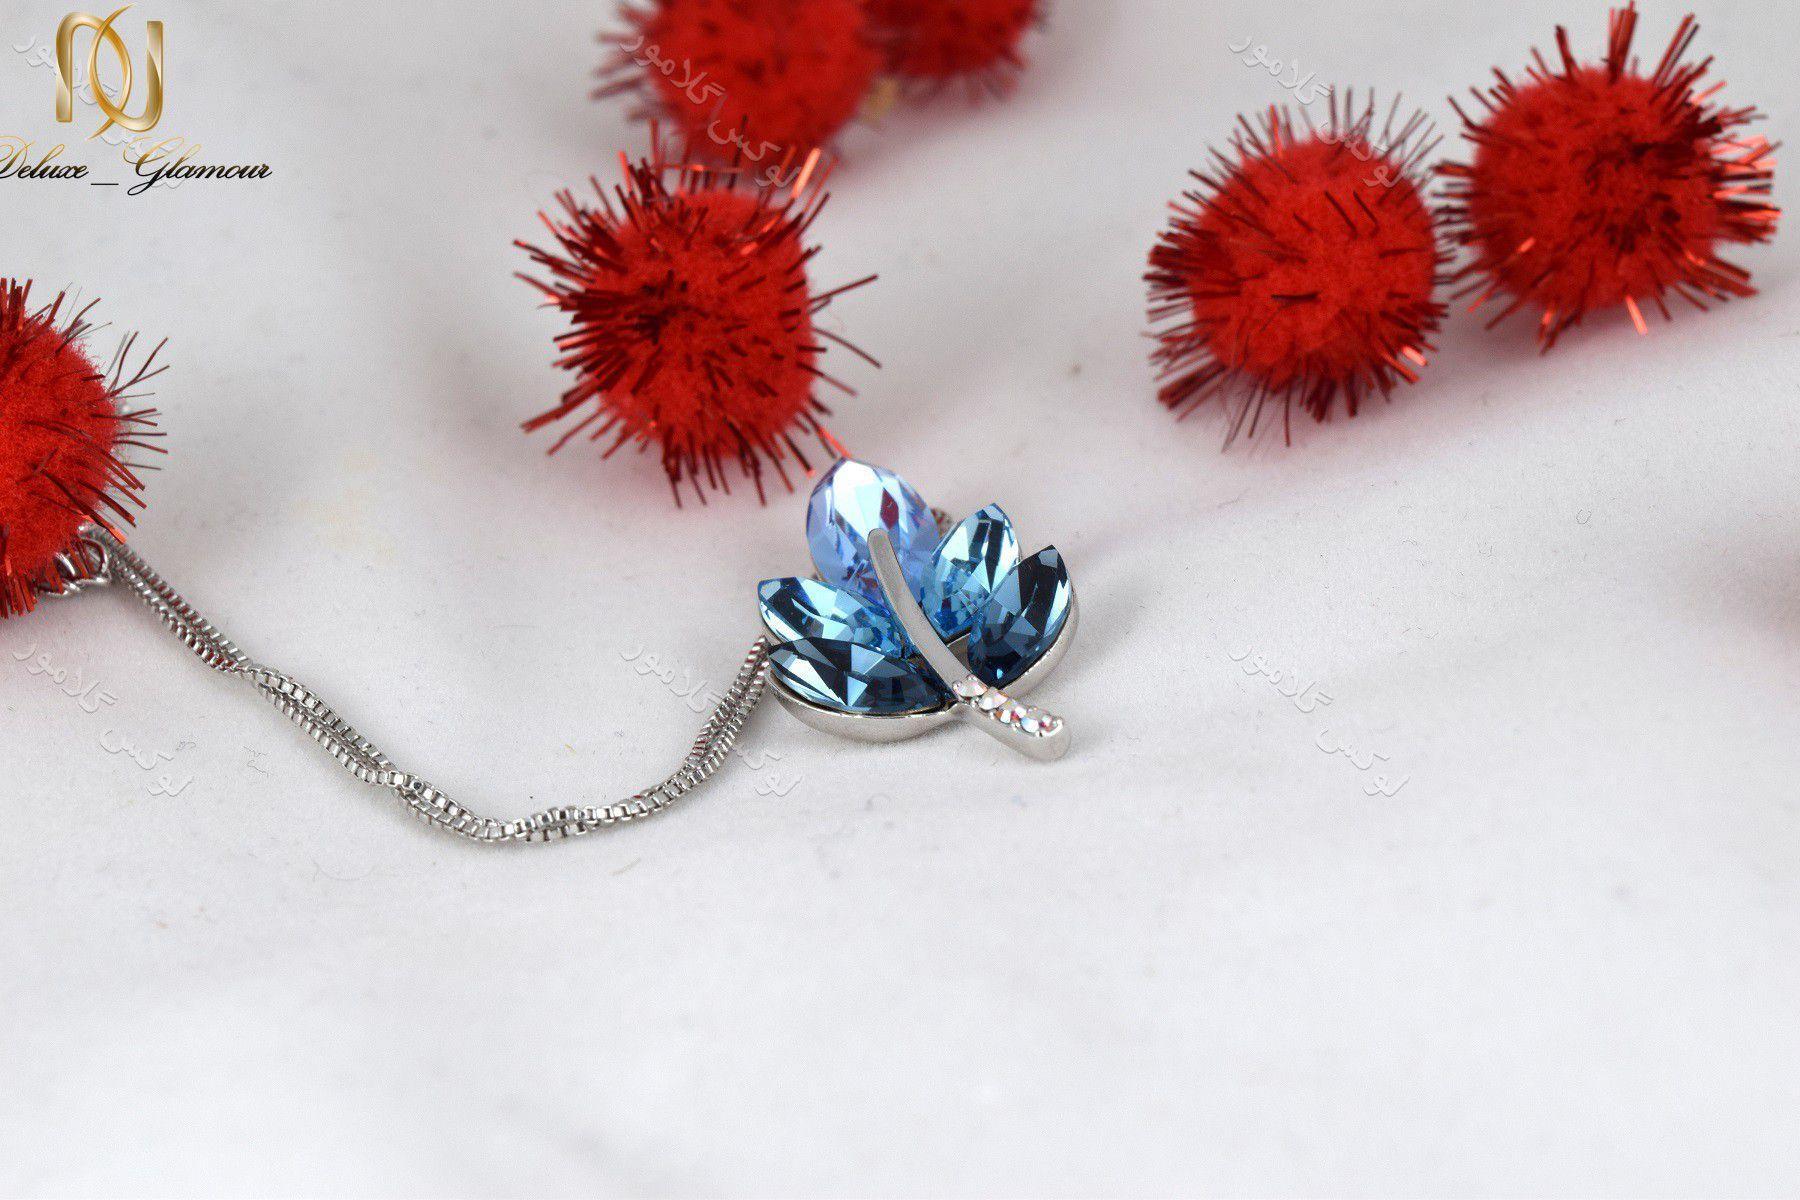 گردنبند دخترانه طرح خوشه با کریستالهای سواروفسکی تم آبی Nw-n154